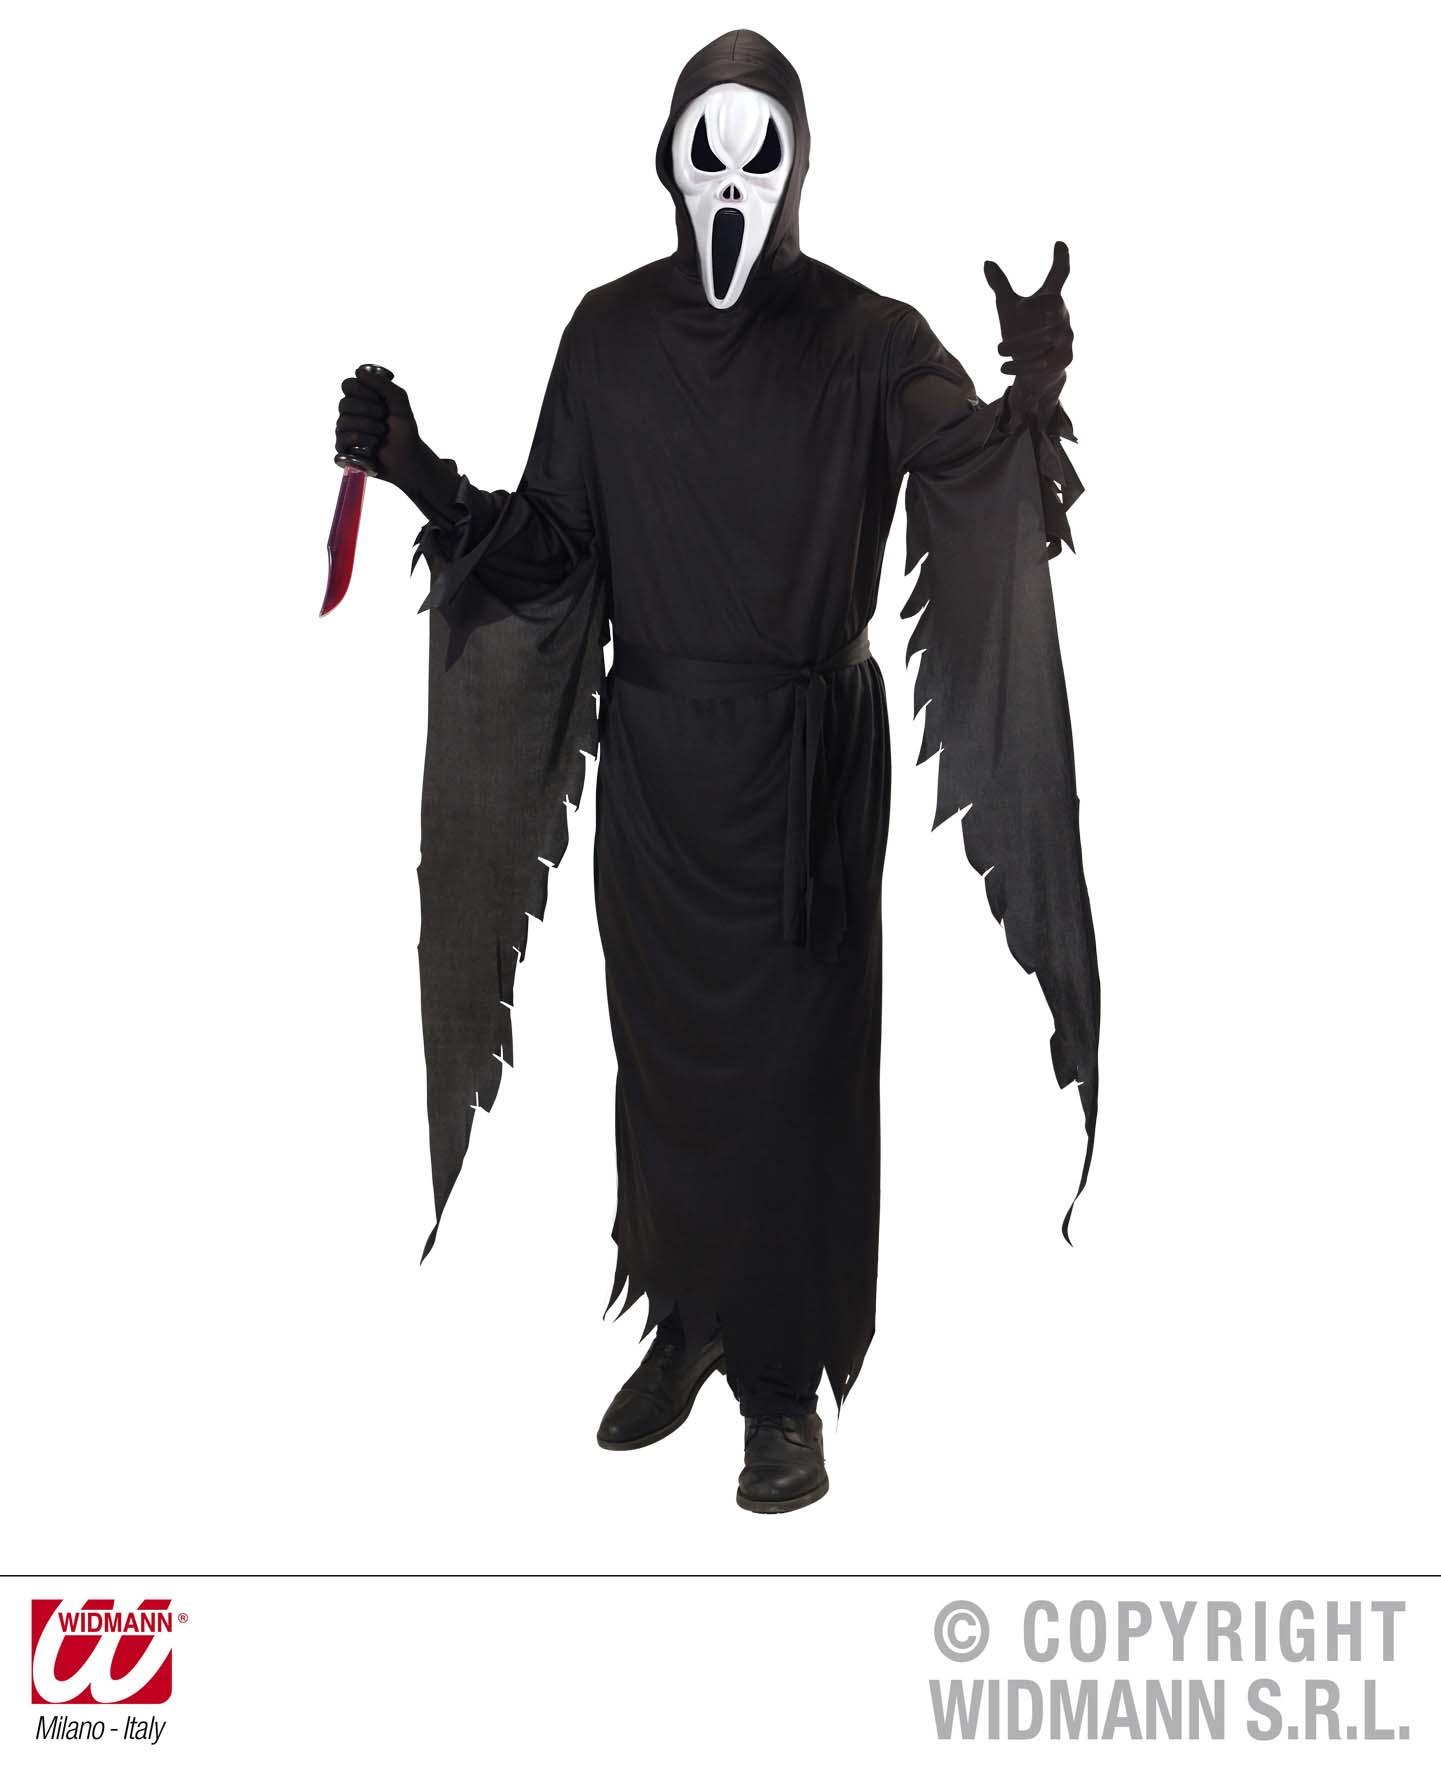 3 tlg. Scream Kostüm, schreiender Geist, Herren, S, M, L, XL,  4586